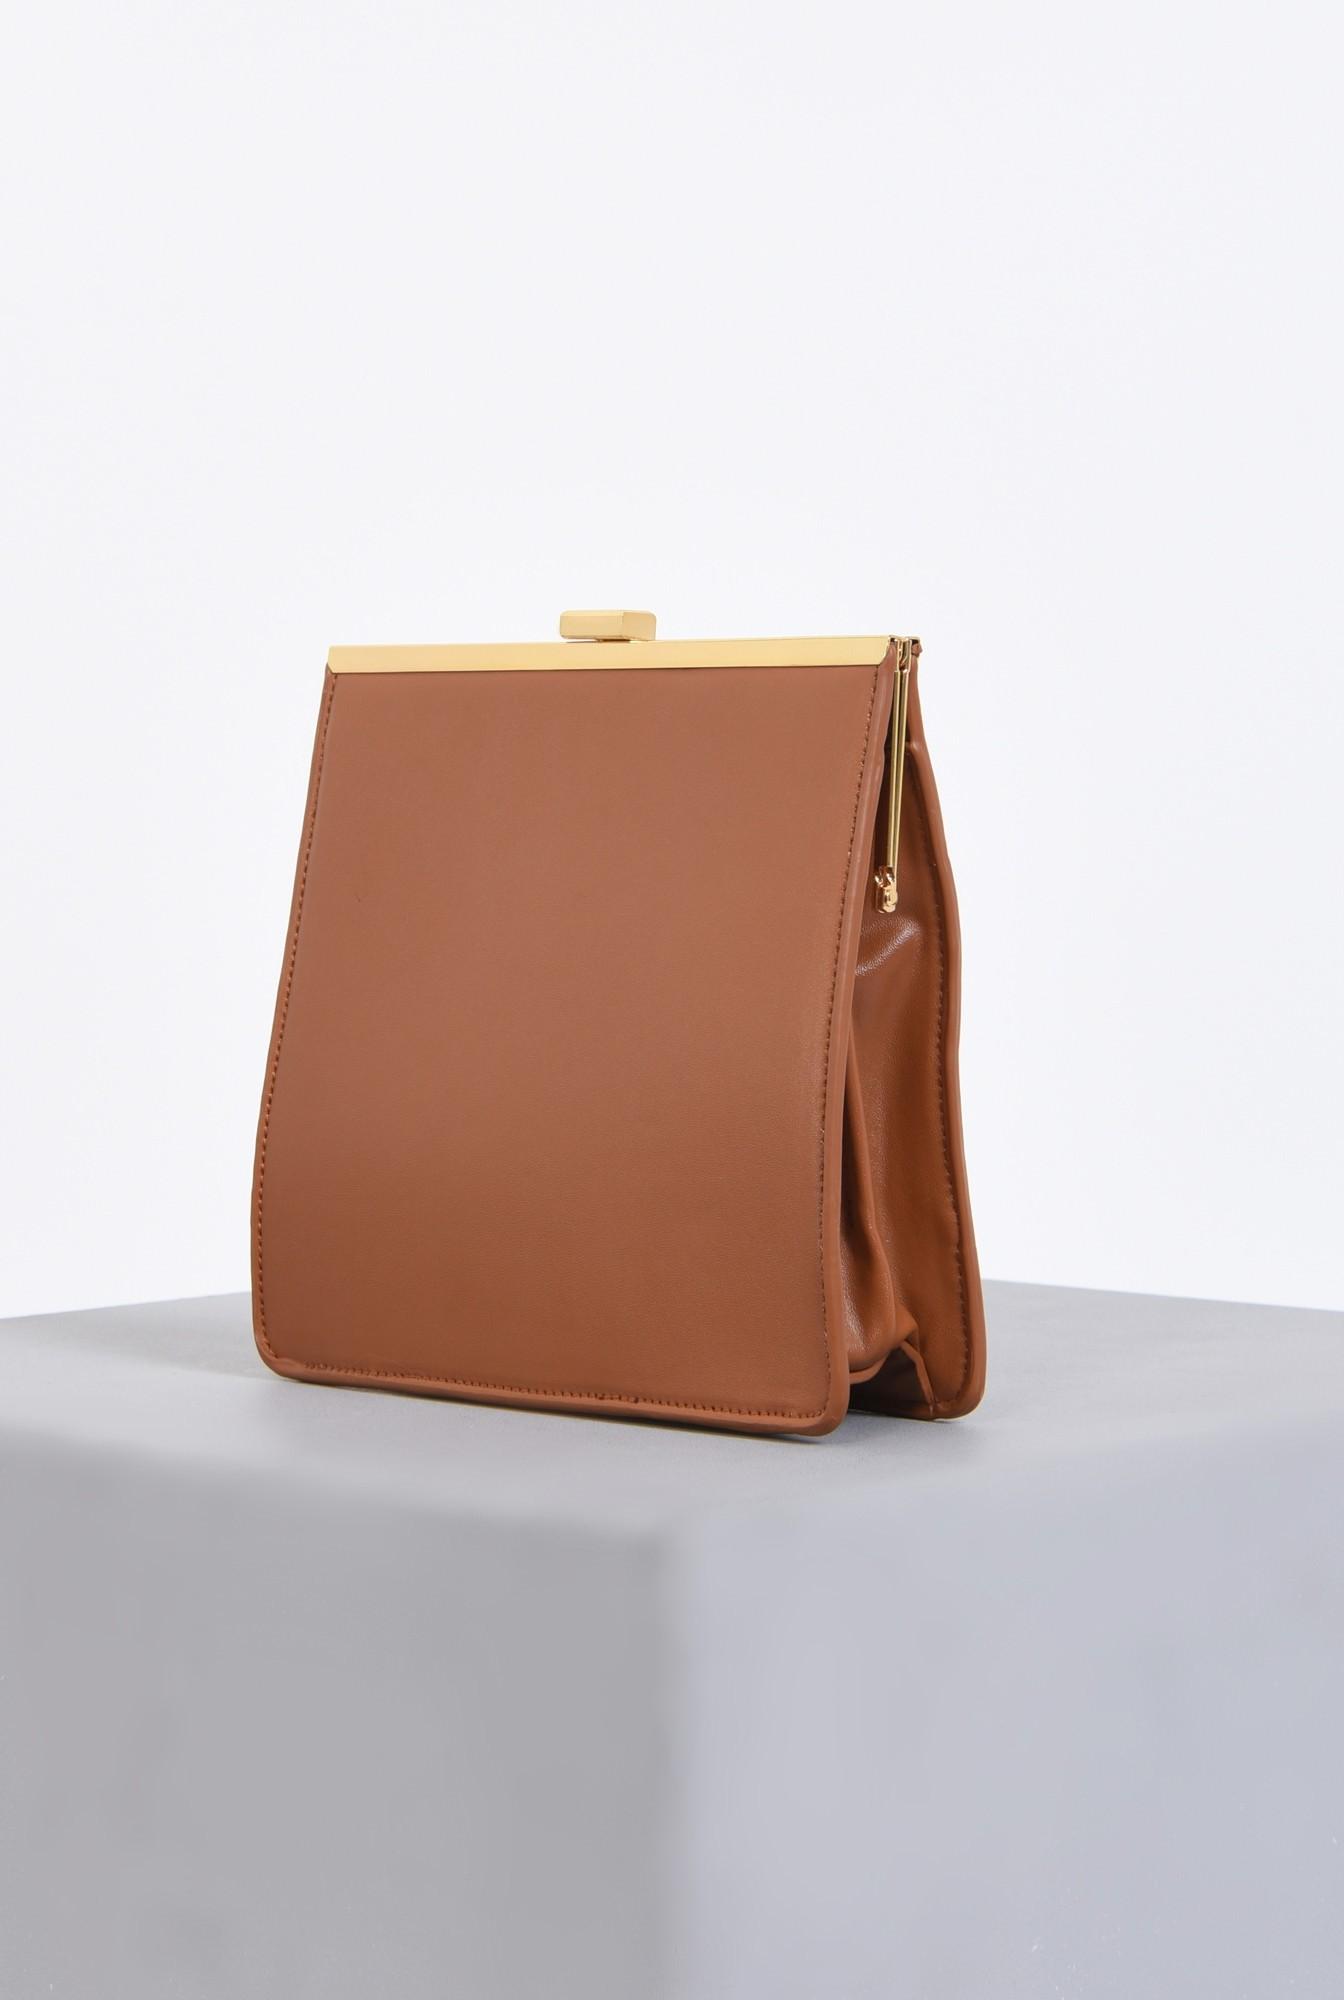 1 - geanta dama, medie, camel, accesorii